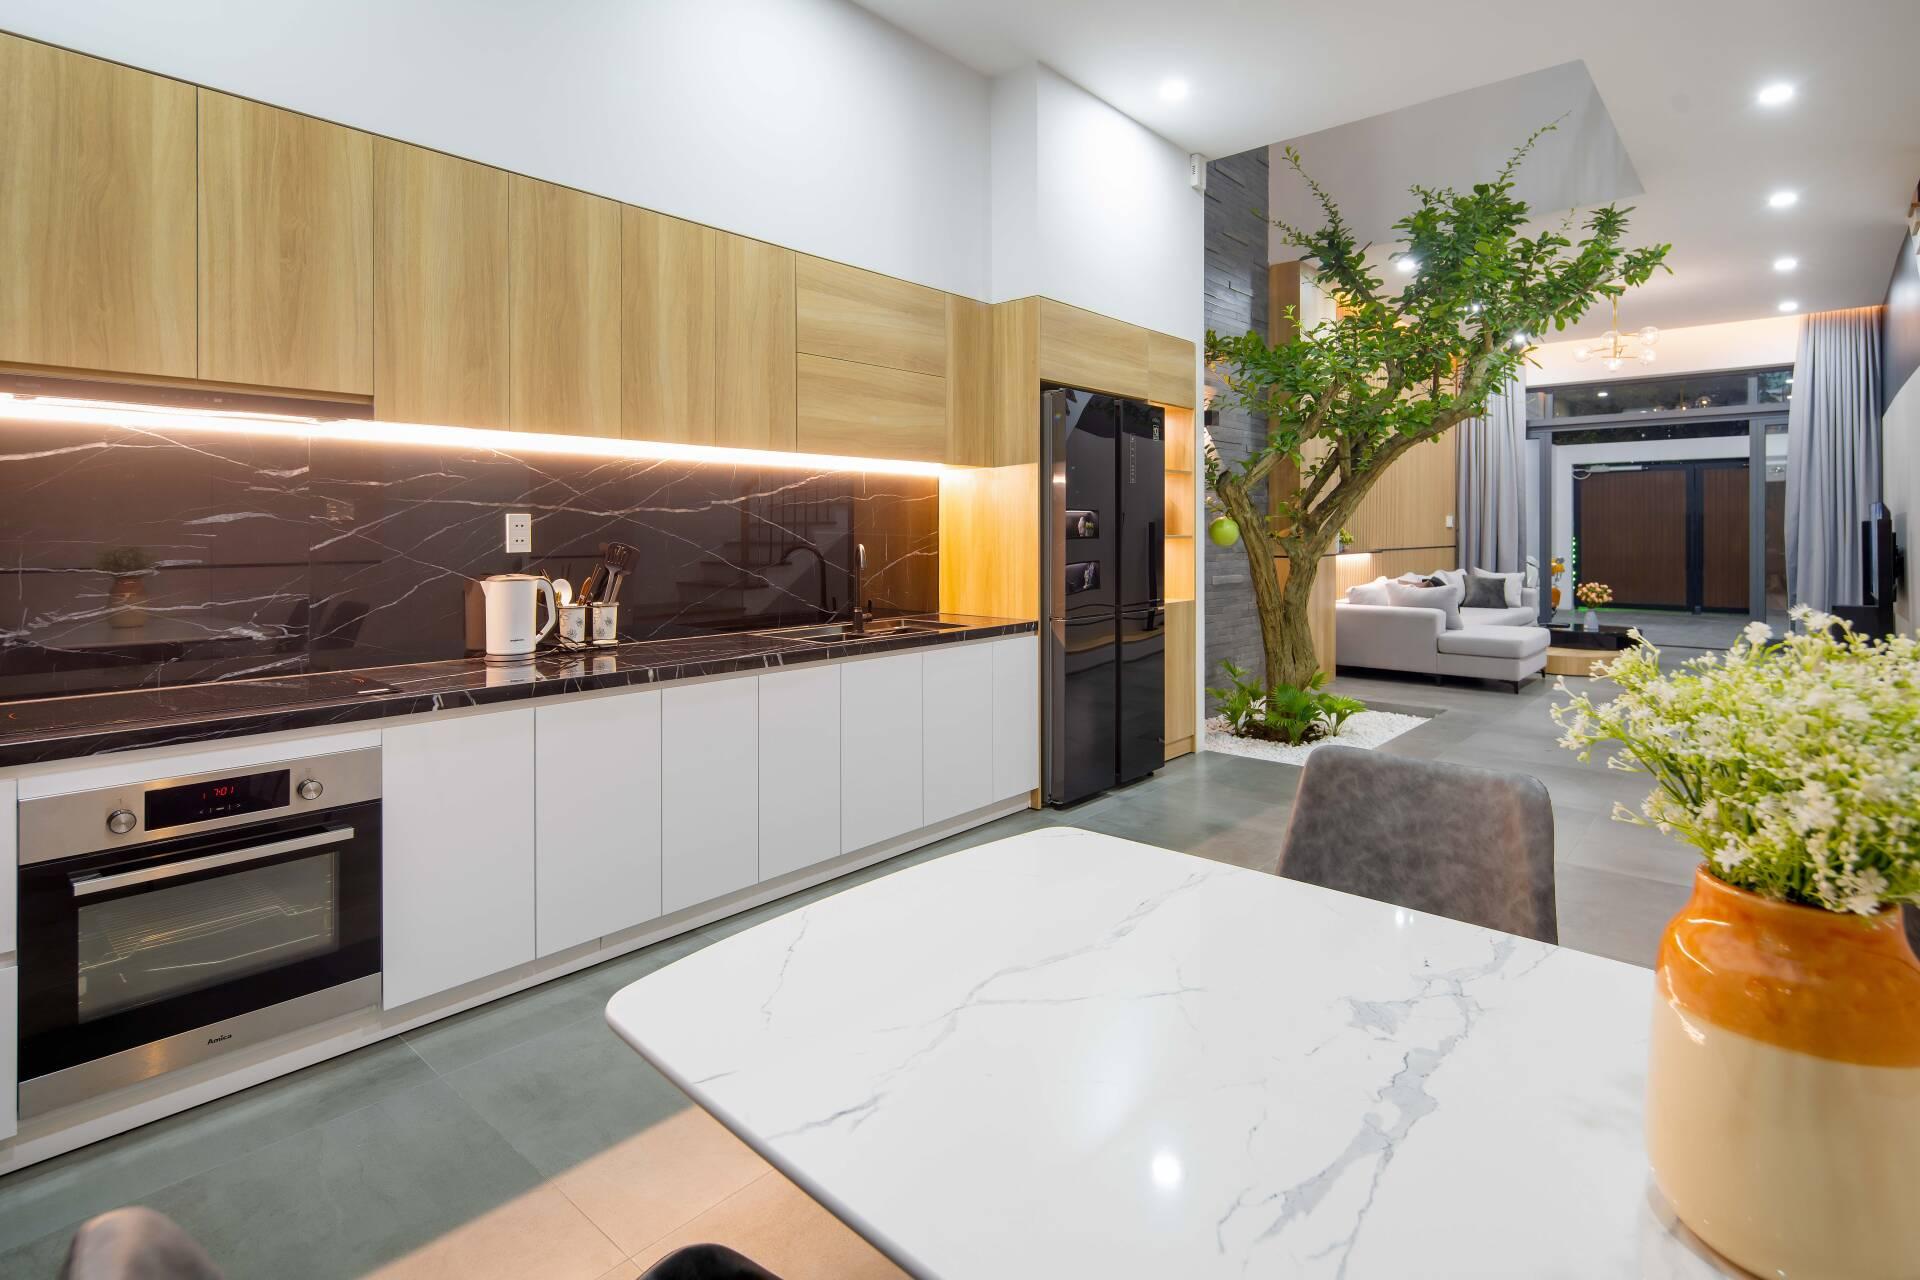 Hệ tủ bếp bằng gỗ MDF, phối cùng bàn bếp được ốp đá marble sang trọng